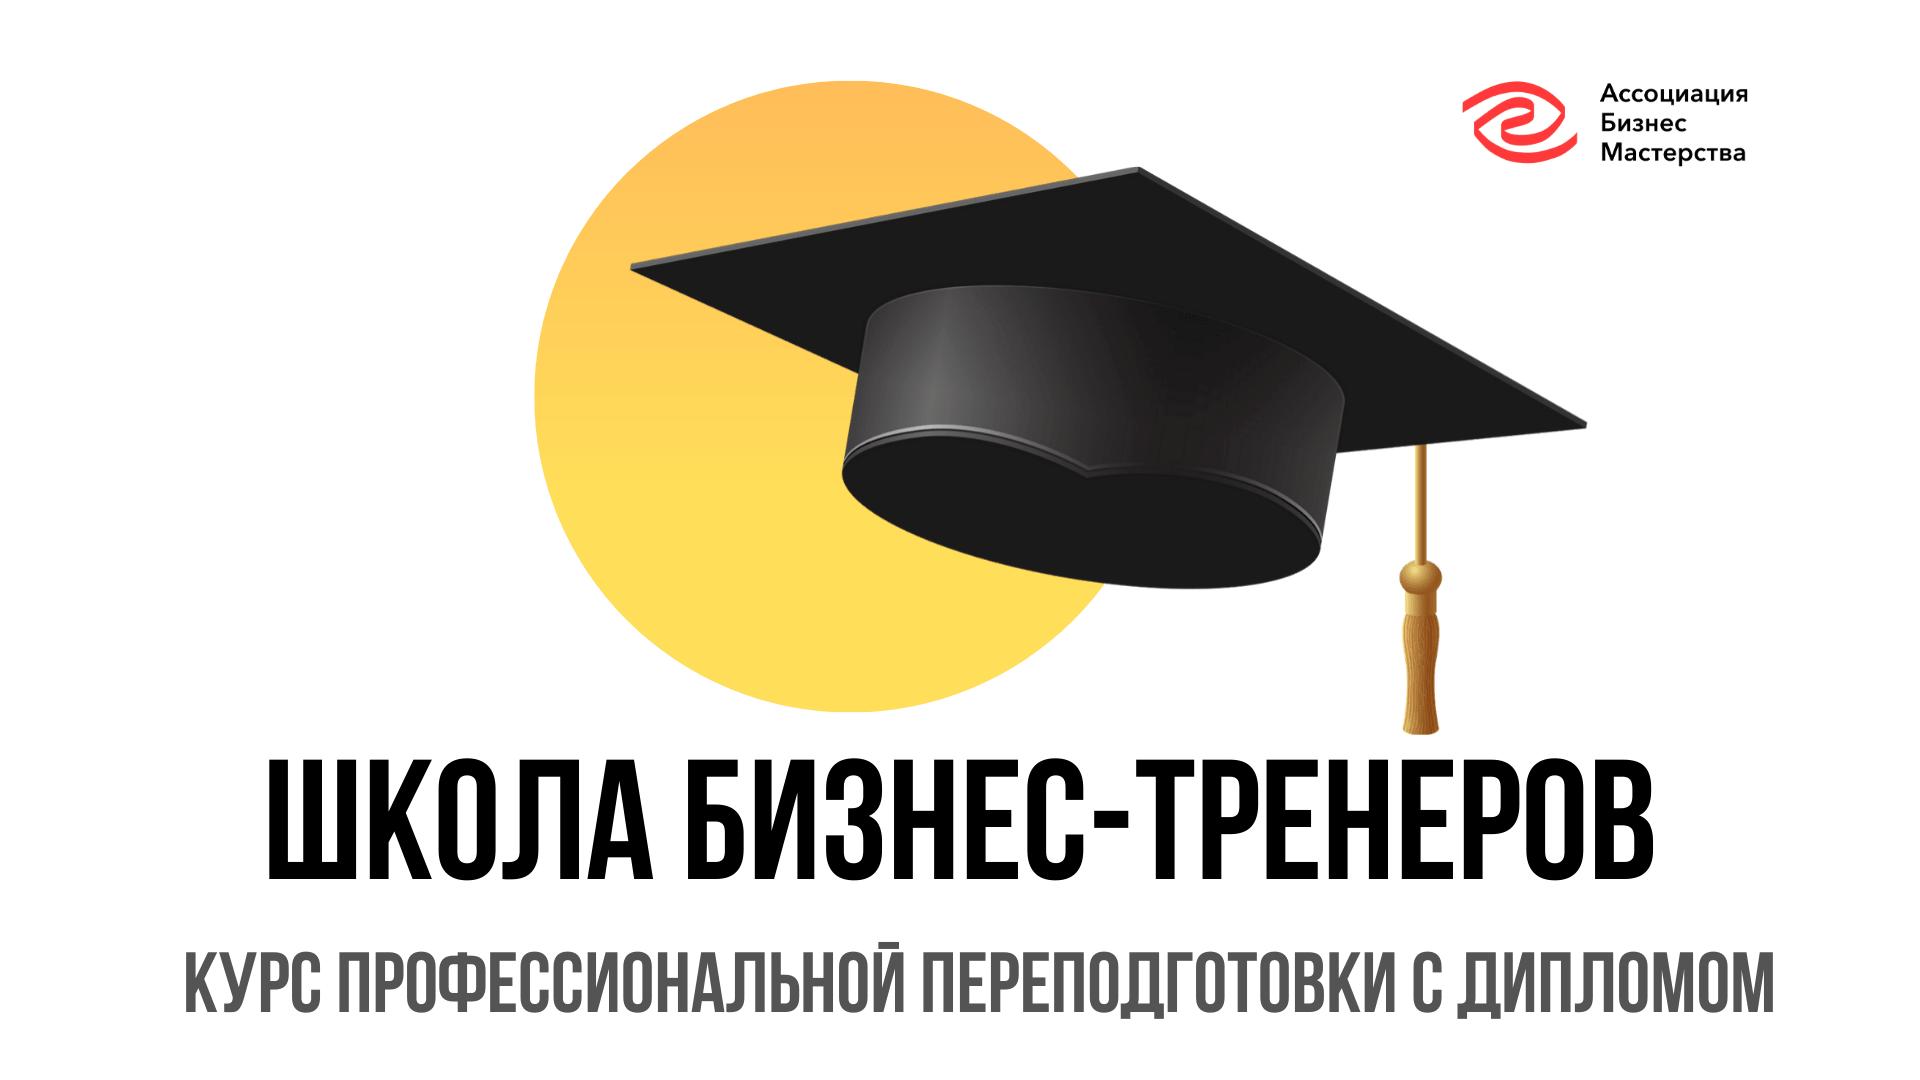 Профессия бизнес-тренер, для которой базой могут стать программы образования факультета практической психологии мспи, москва